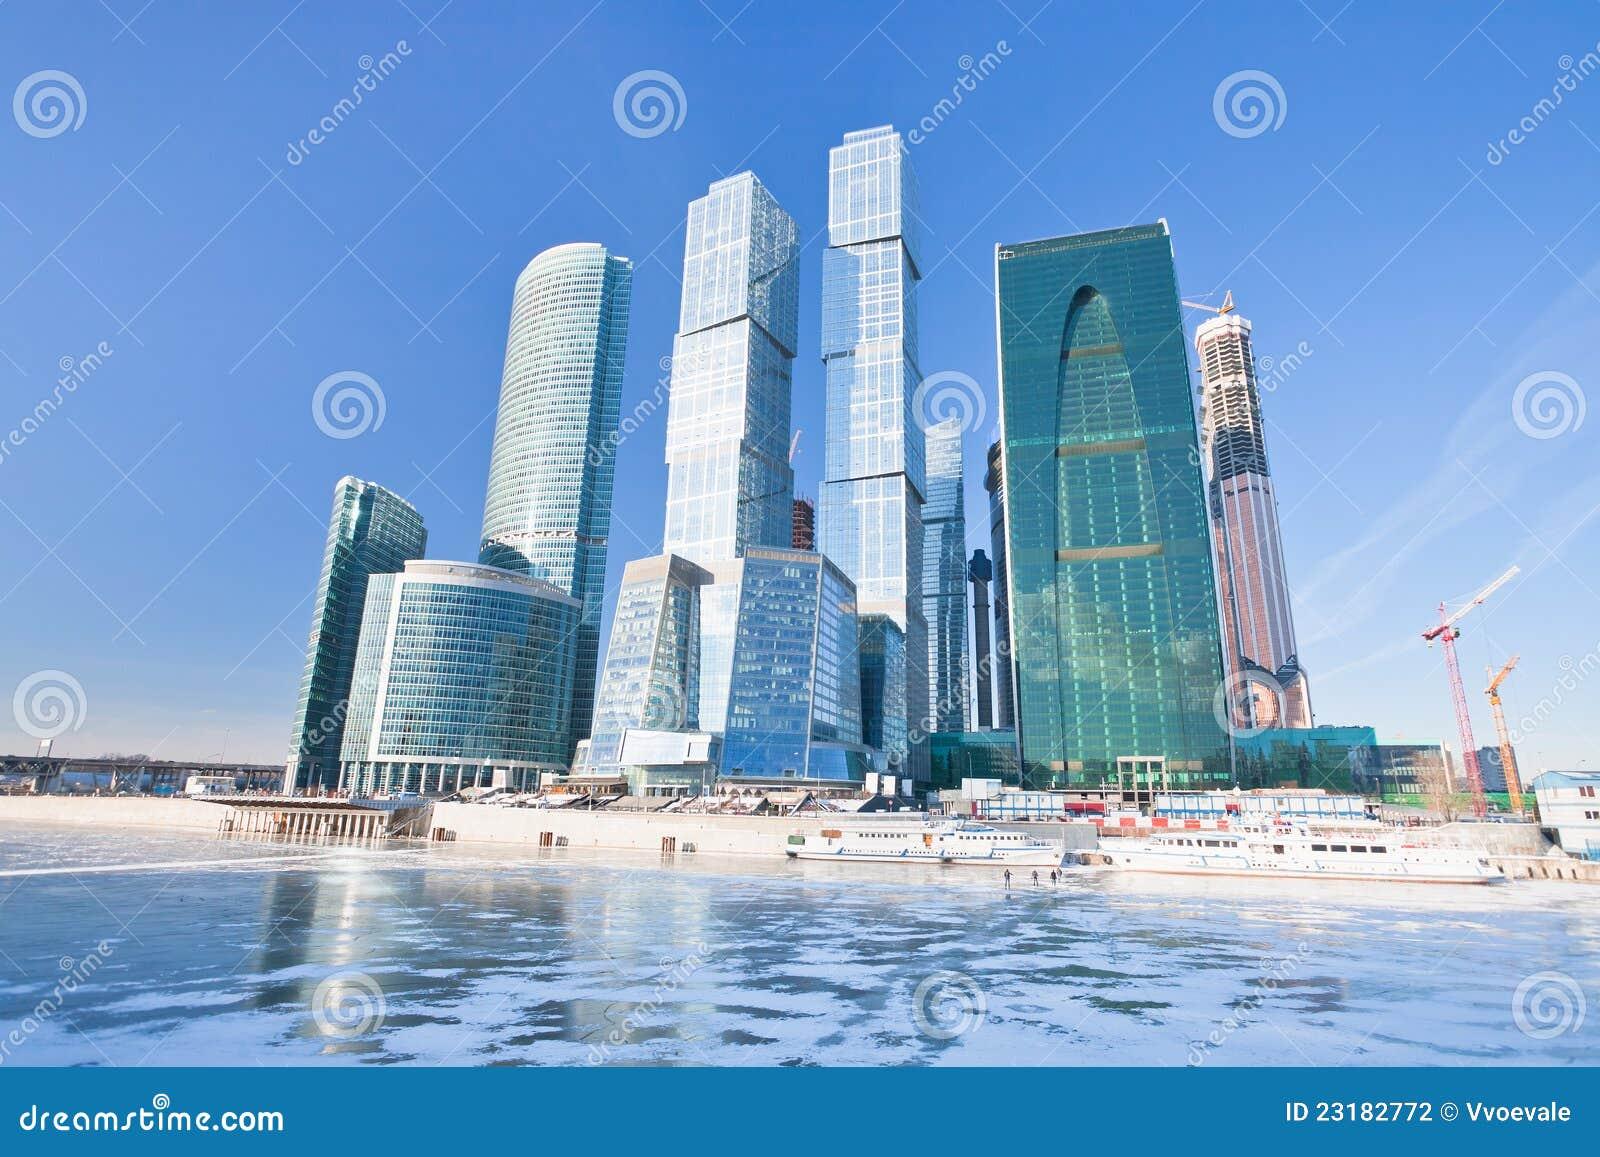 Nuevos edificios de la ciudad de Moscú en invierno